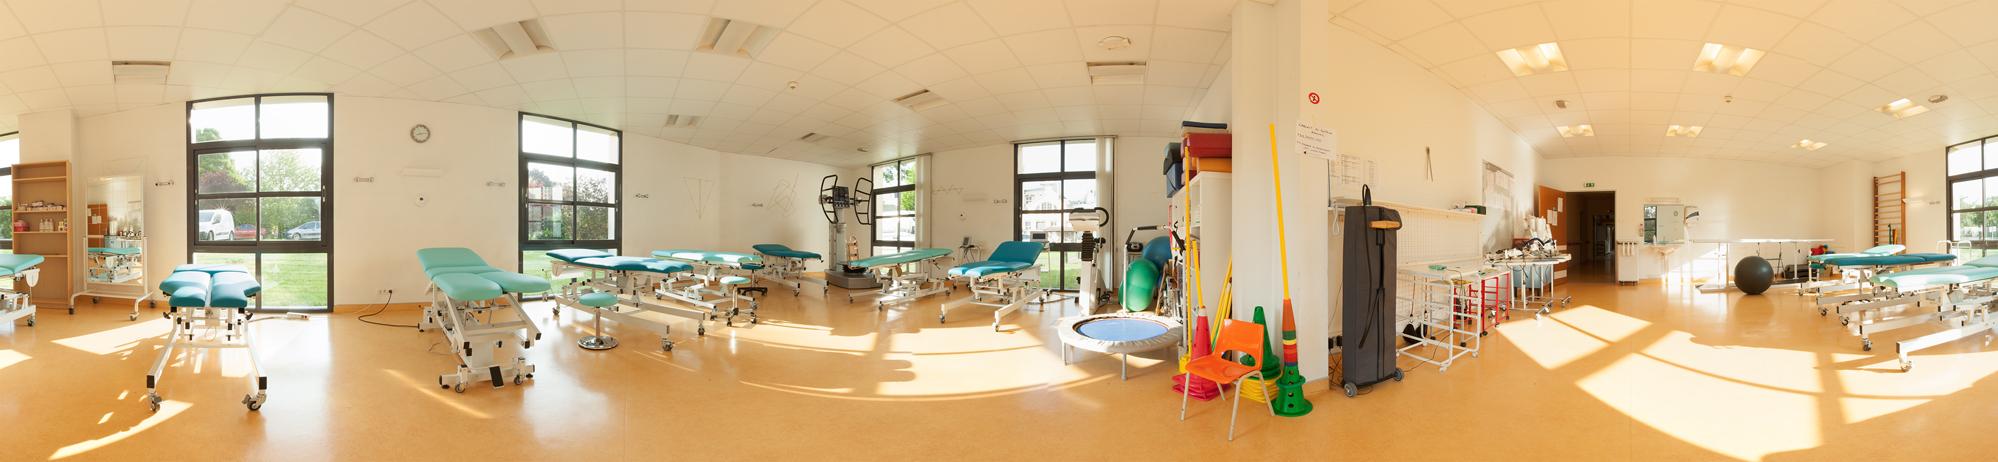 Cette salle constitue une des 4 salles de rééducation du plateau de rééducation des adultes.